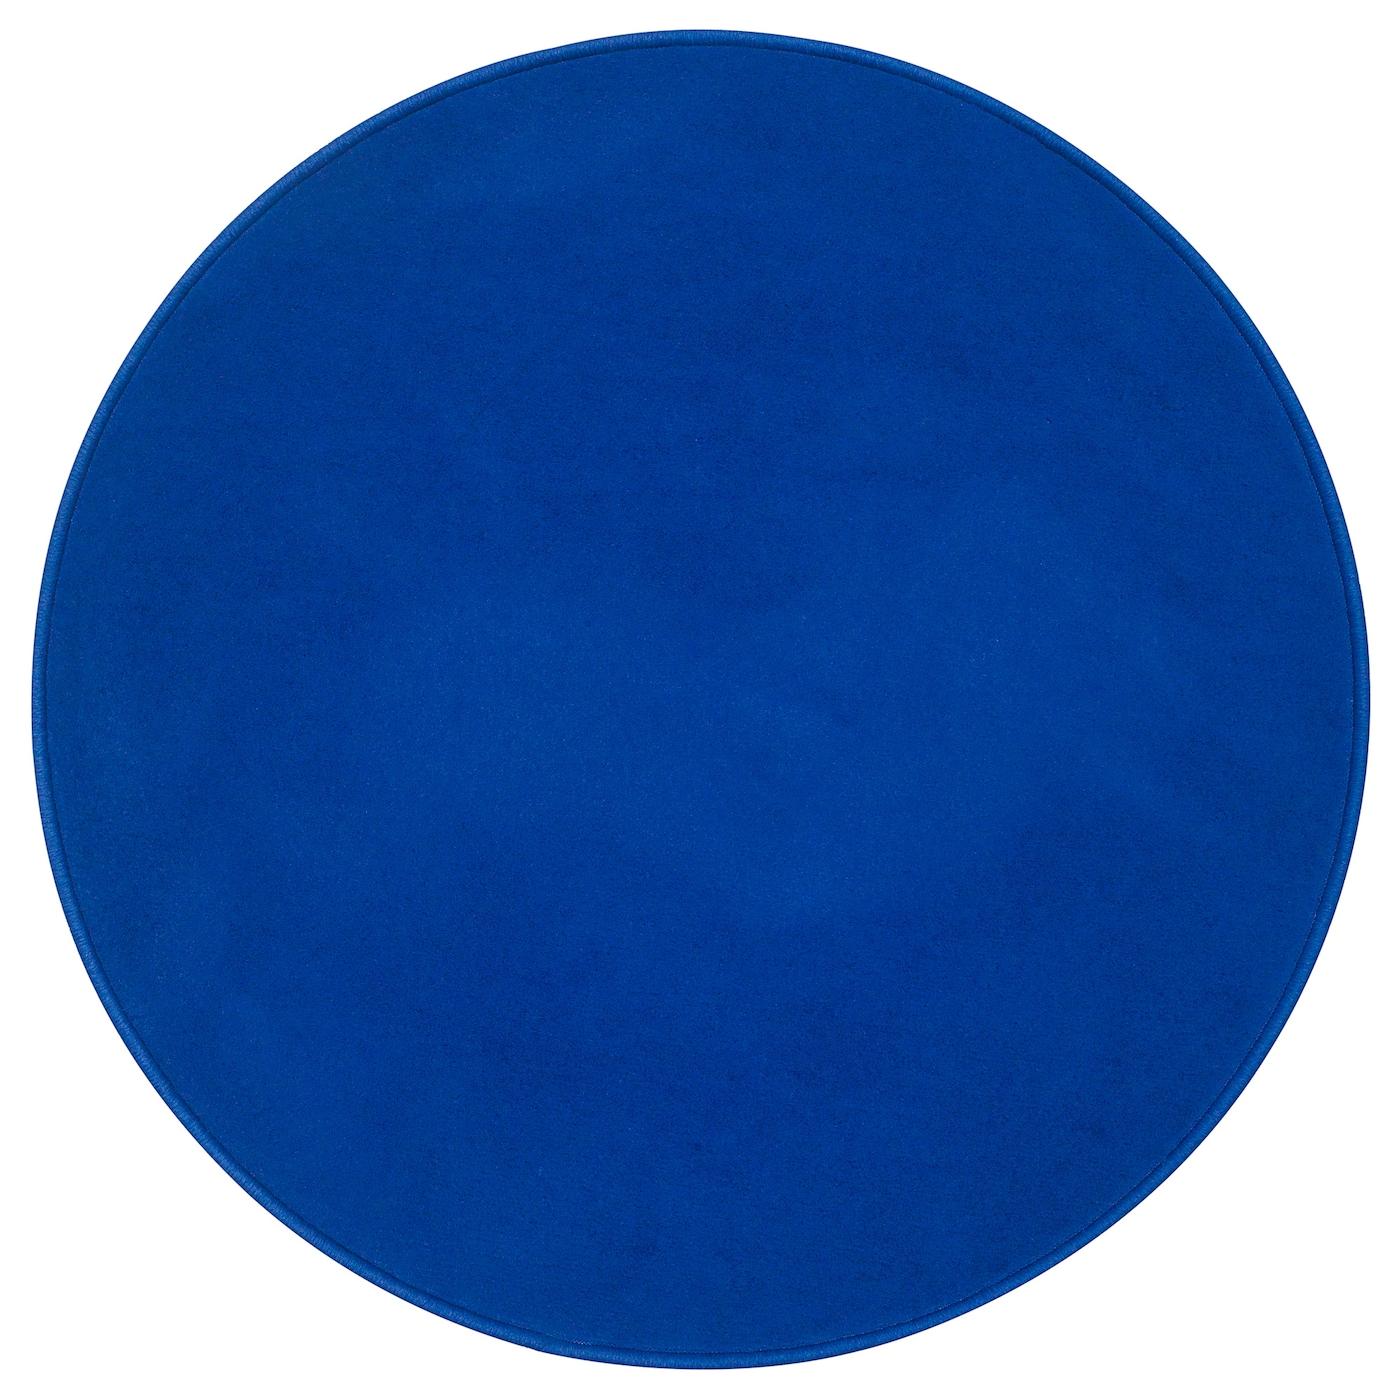 Ikea Blue Round Rug: Buy Rugs Online